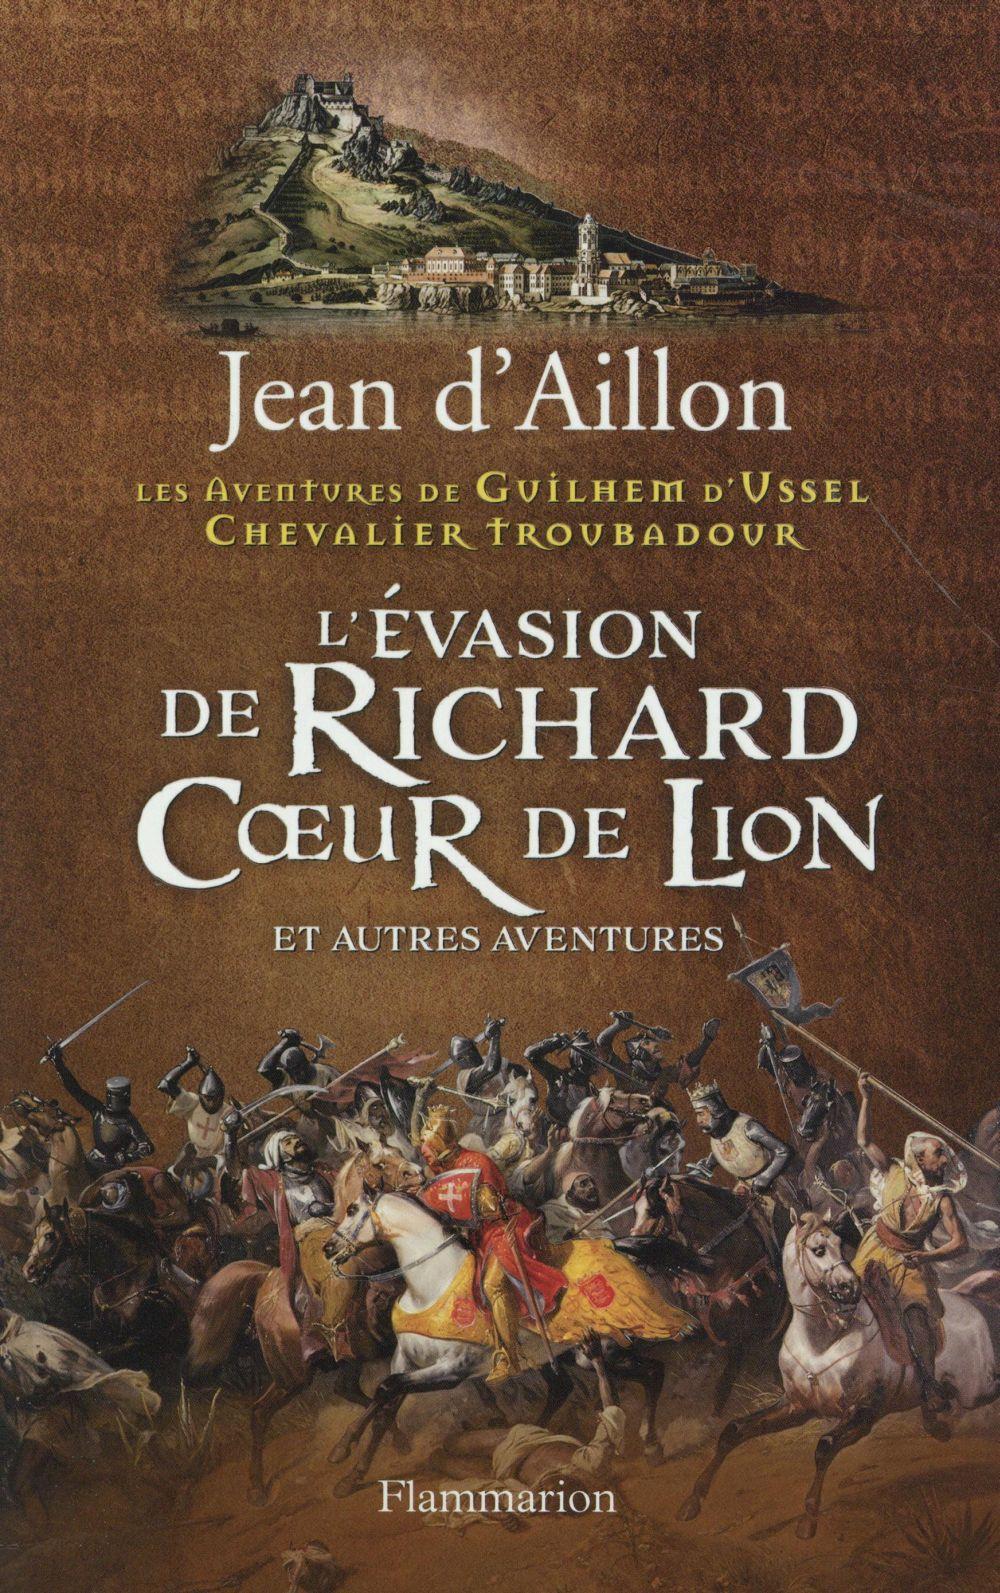 Les aventures de Guilhem d'Ussel, chevalier troubadour ; l'évasion de Richard Coeur de Lion et autres aventures